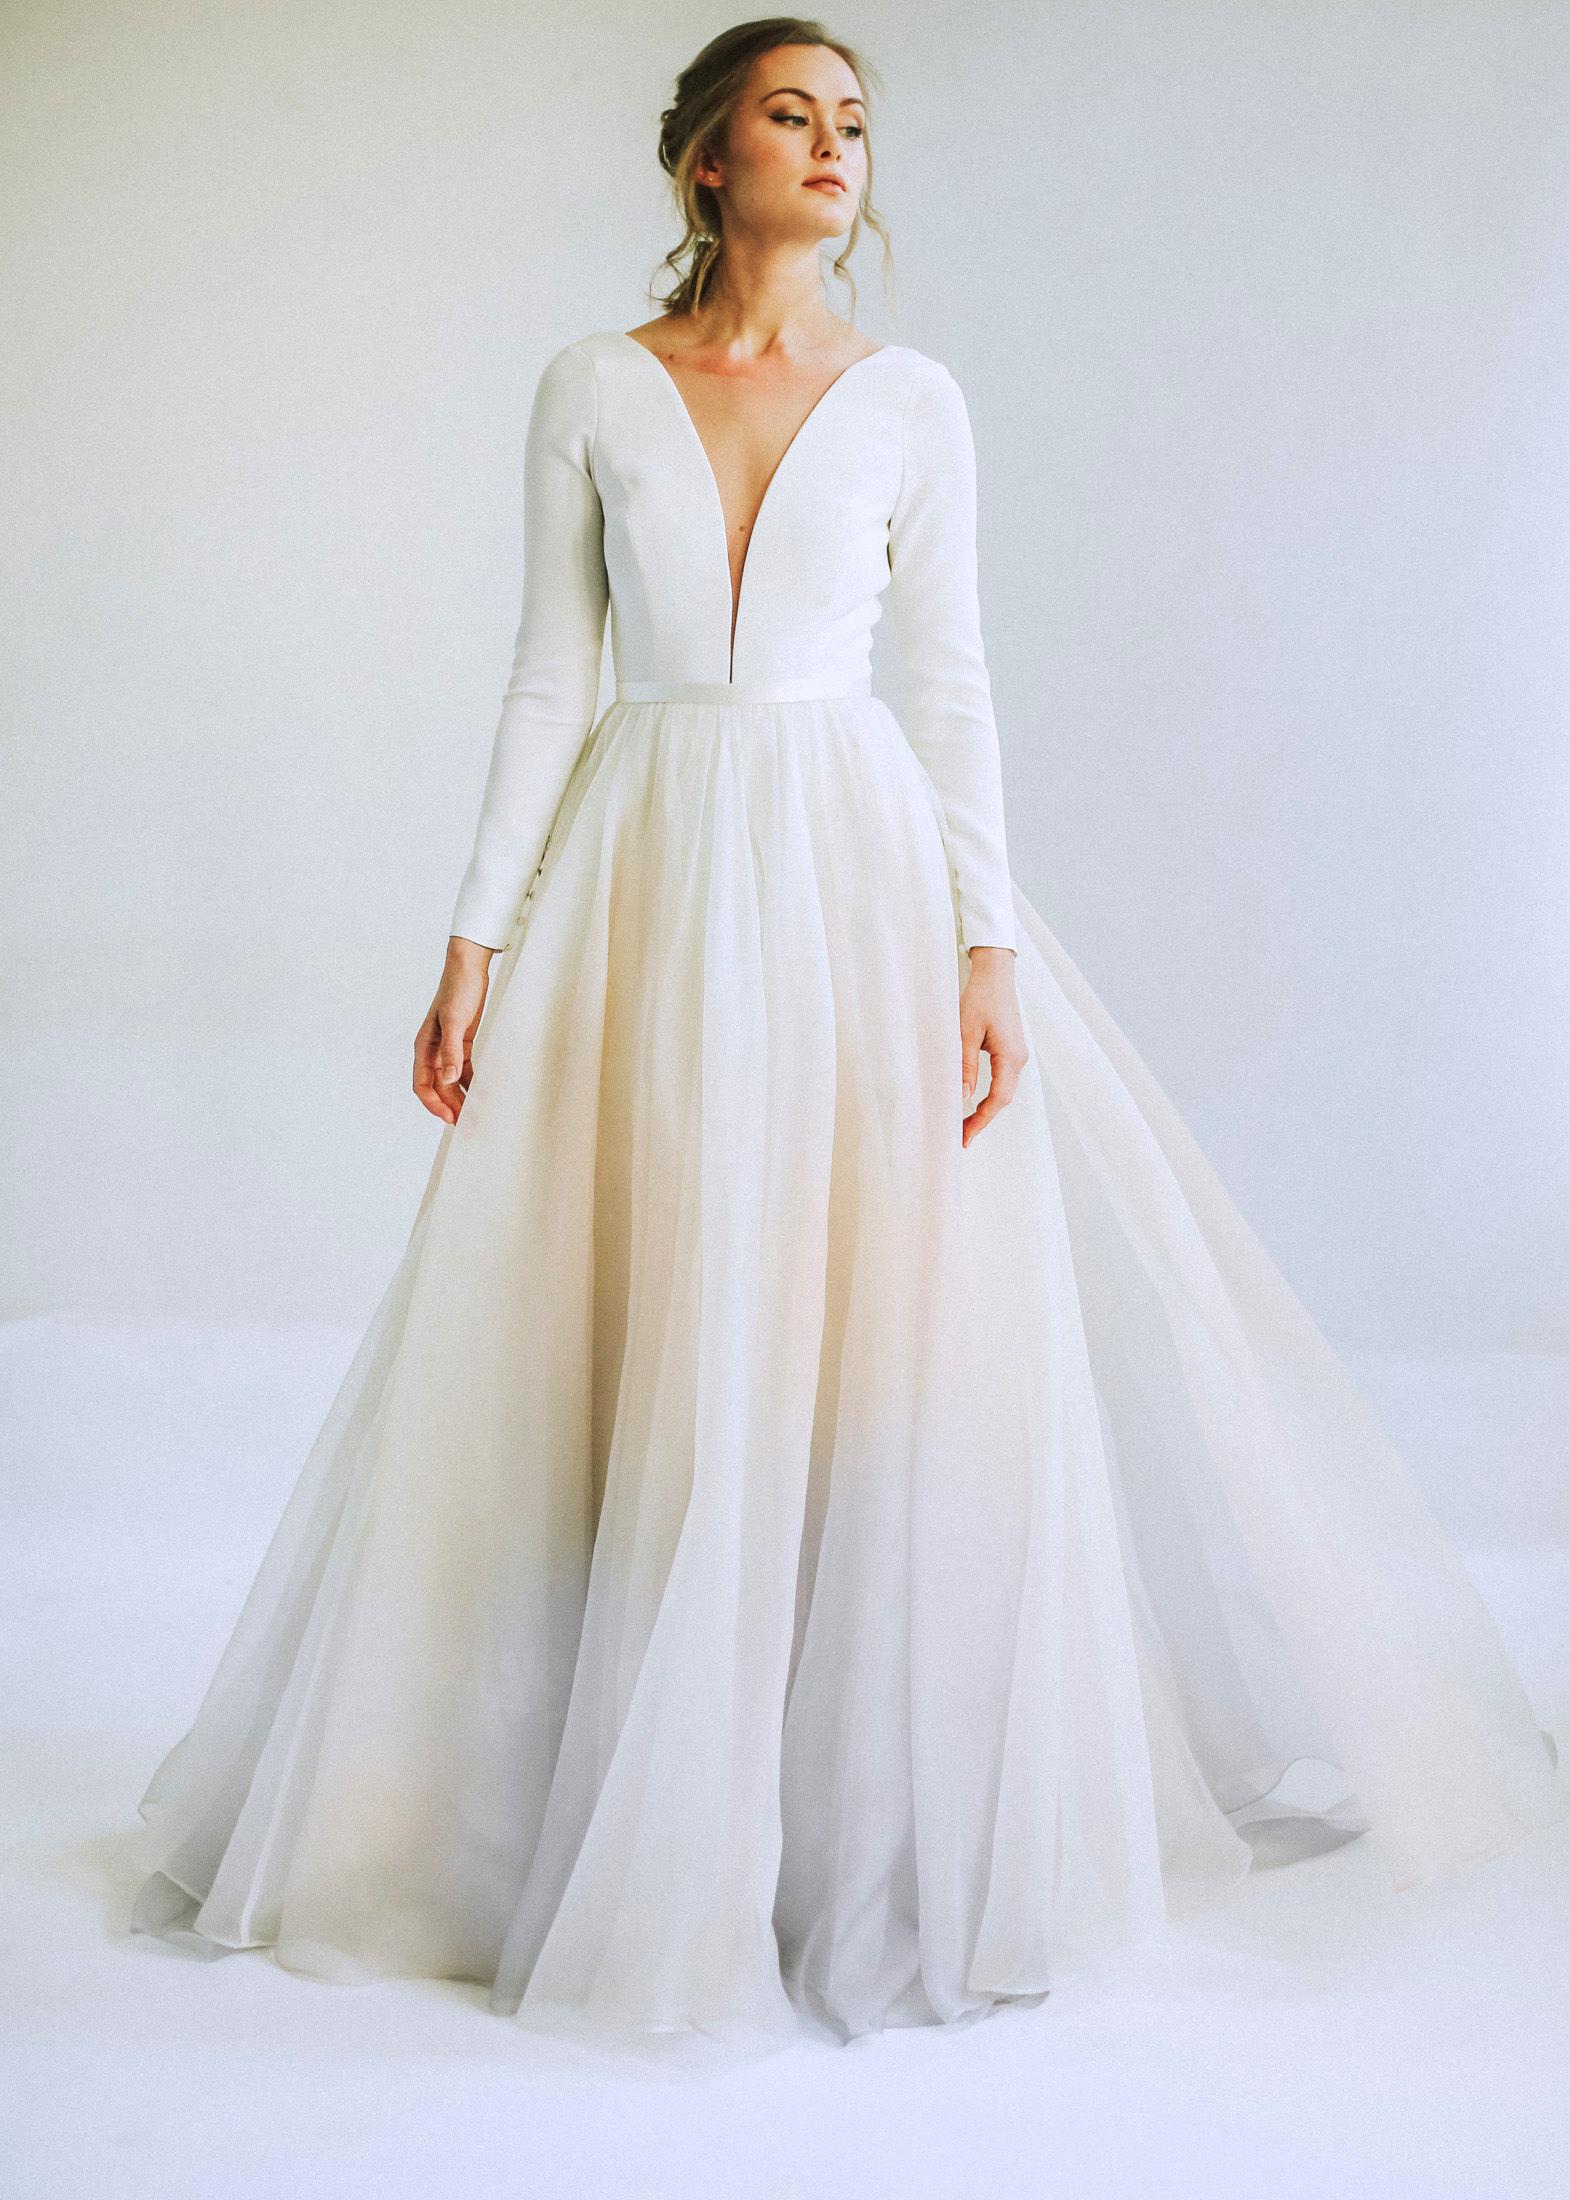 leanna marshall long sleeve deep slit bodice ball gown wedding dress spring 2020